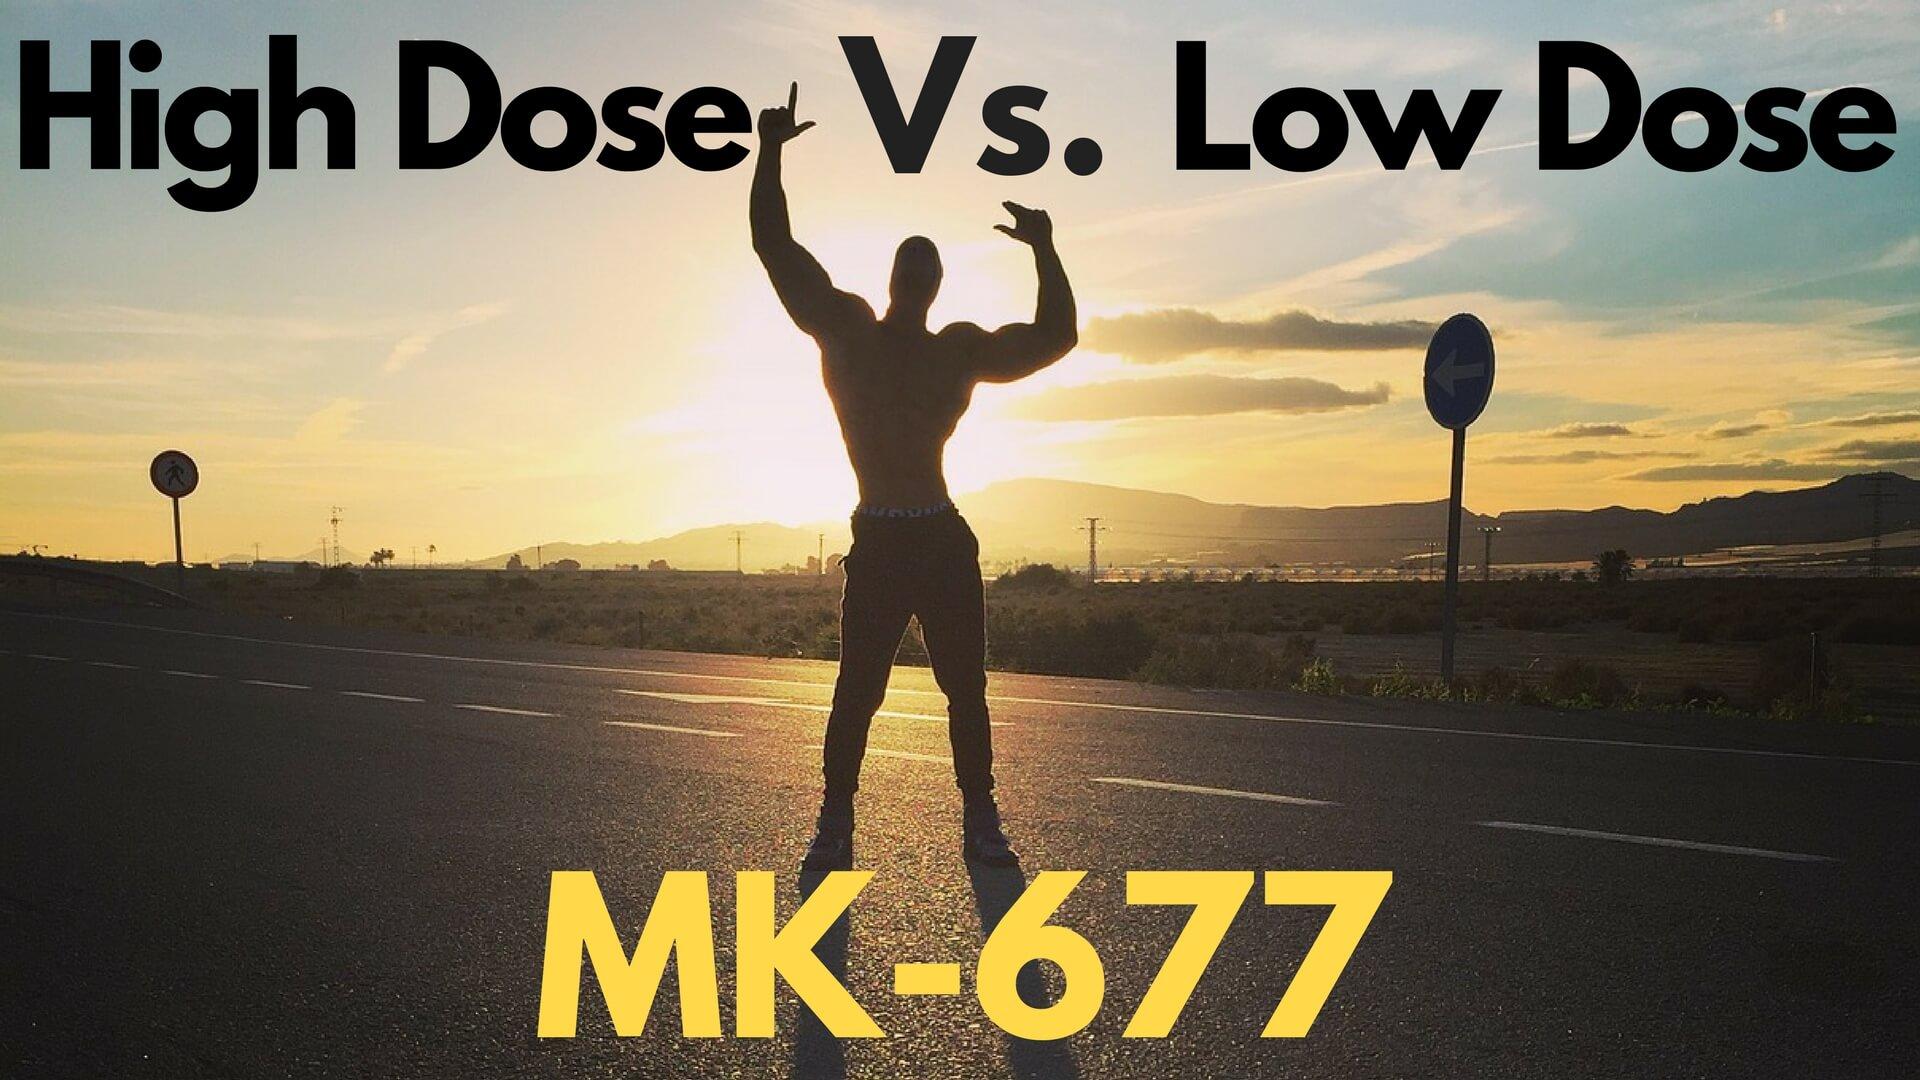 High Dose MK-677 Vs Low Dose MK-677 Thumbnail